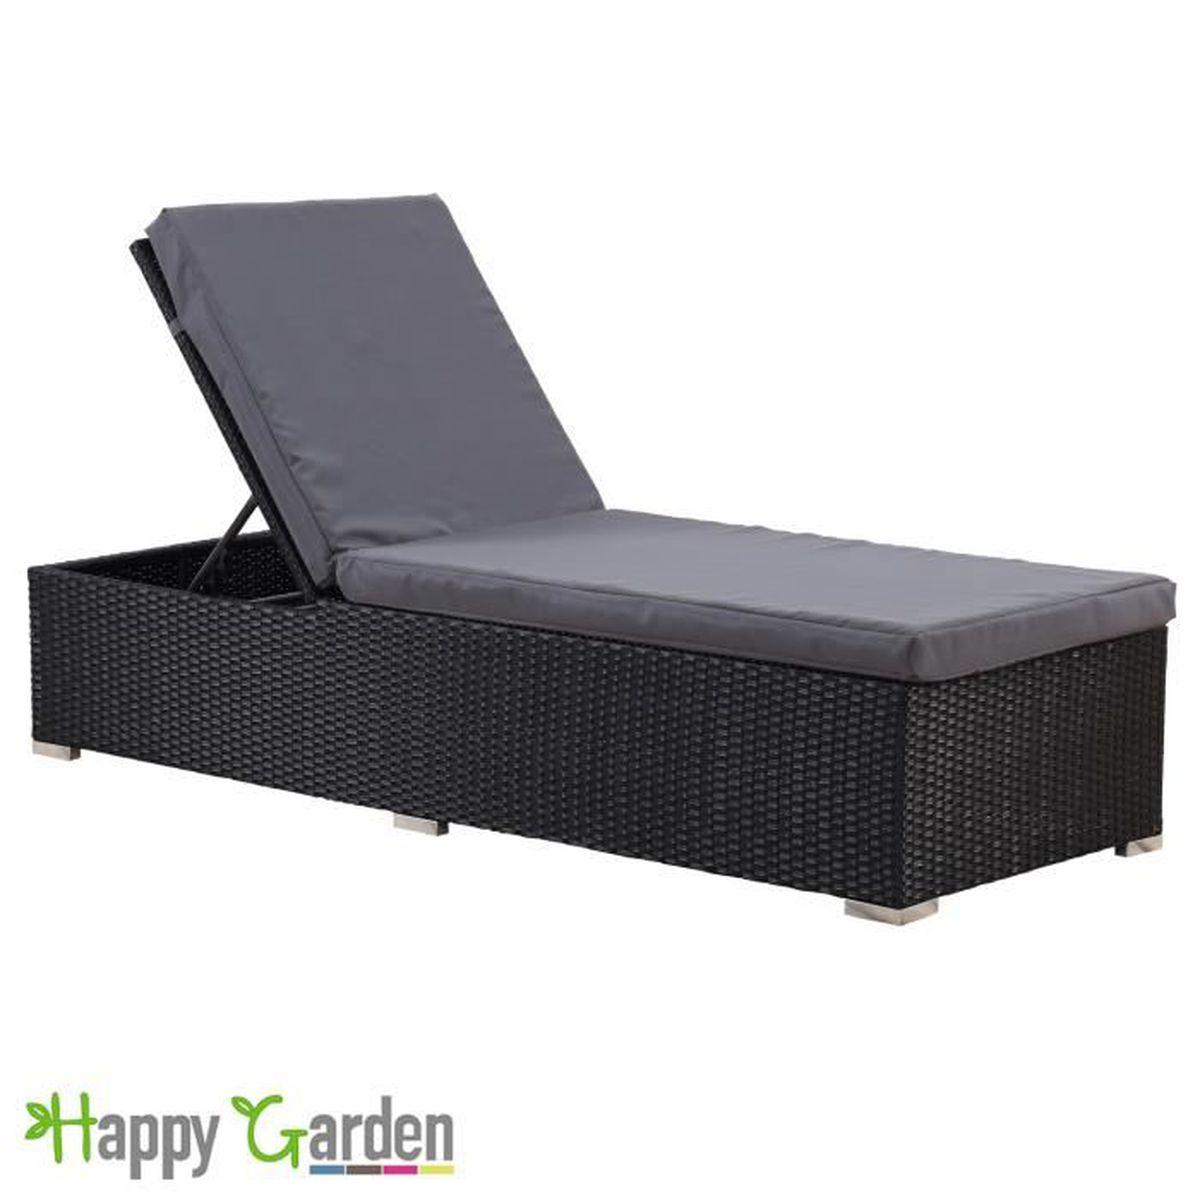 bain de soleil en r sine tress e noir coussin gris 2 noir achat vente chaise longue bain de. Black Bedroom Furniture Sets. Home Design Ideas